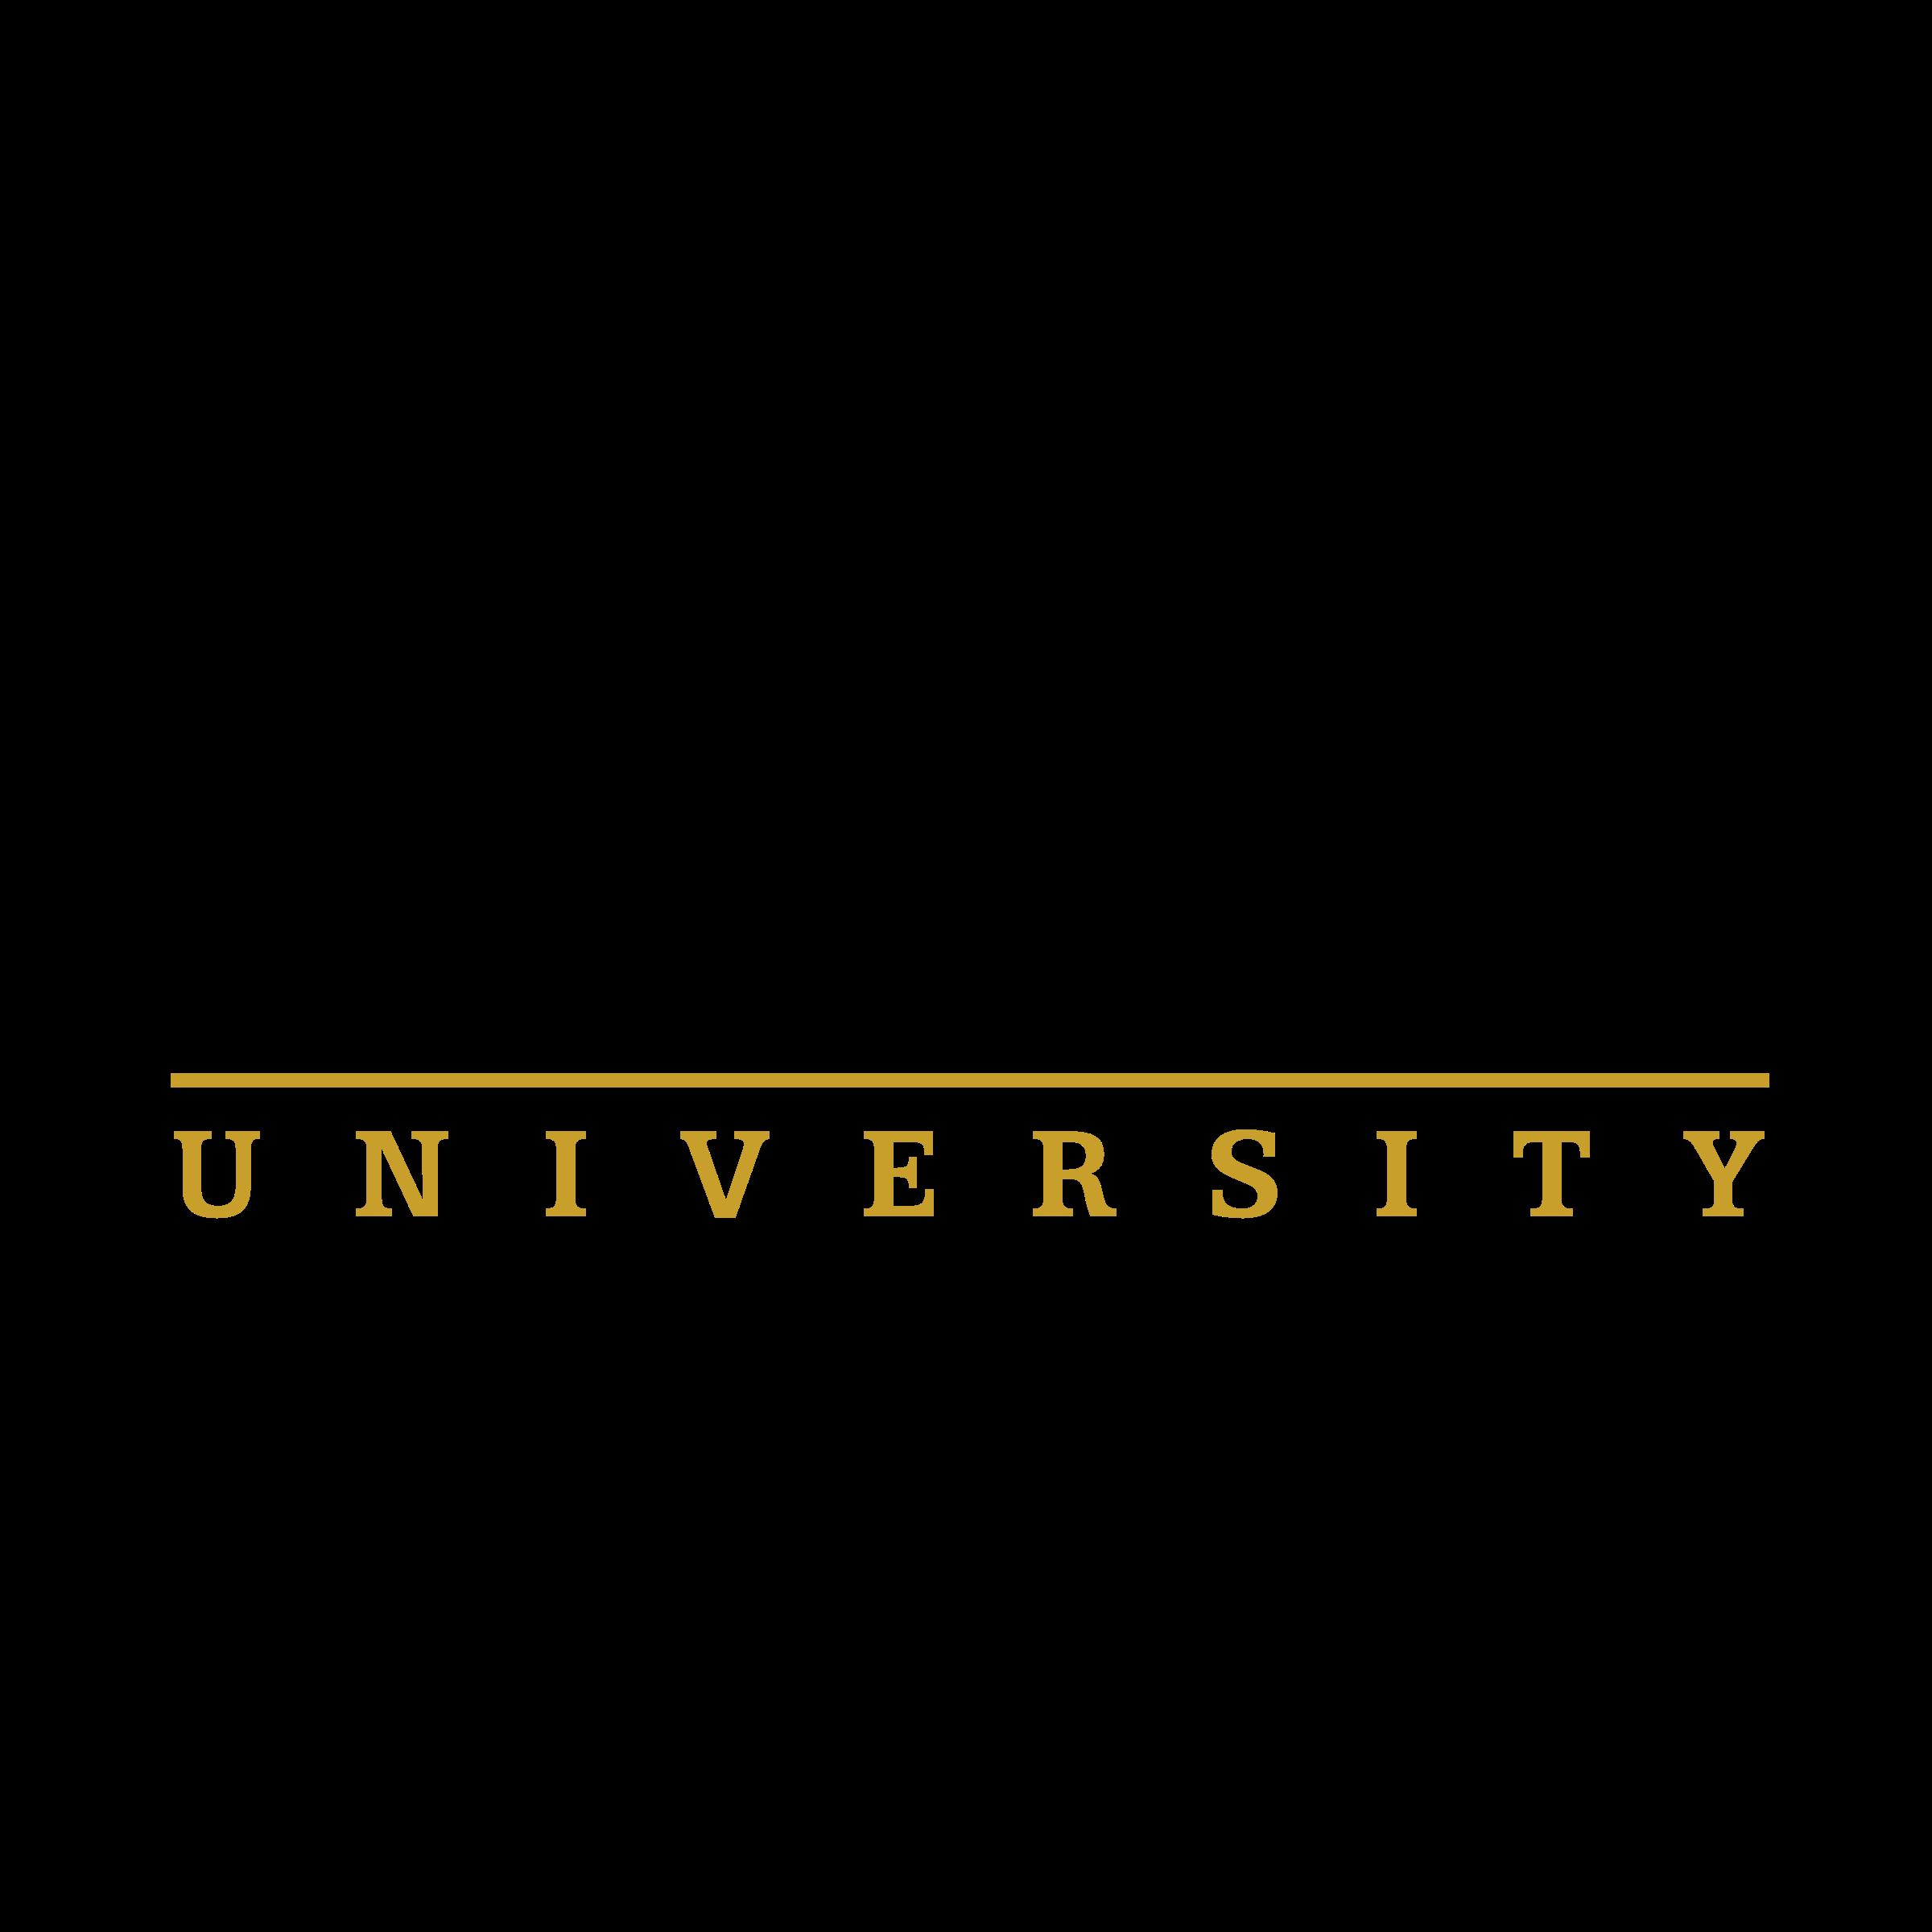 purdue-university-1-logo-png-transparent.png